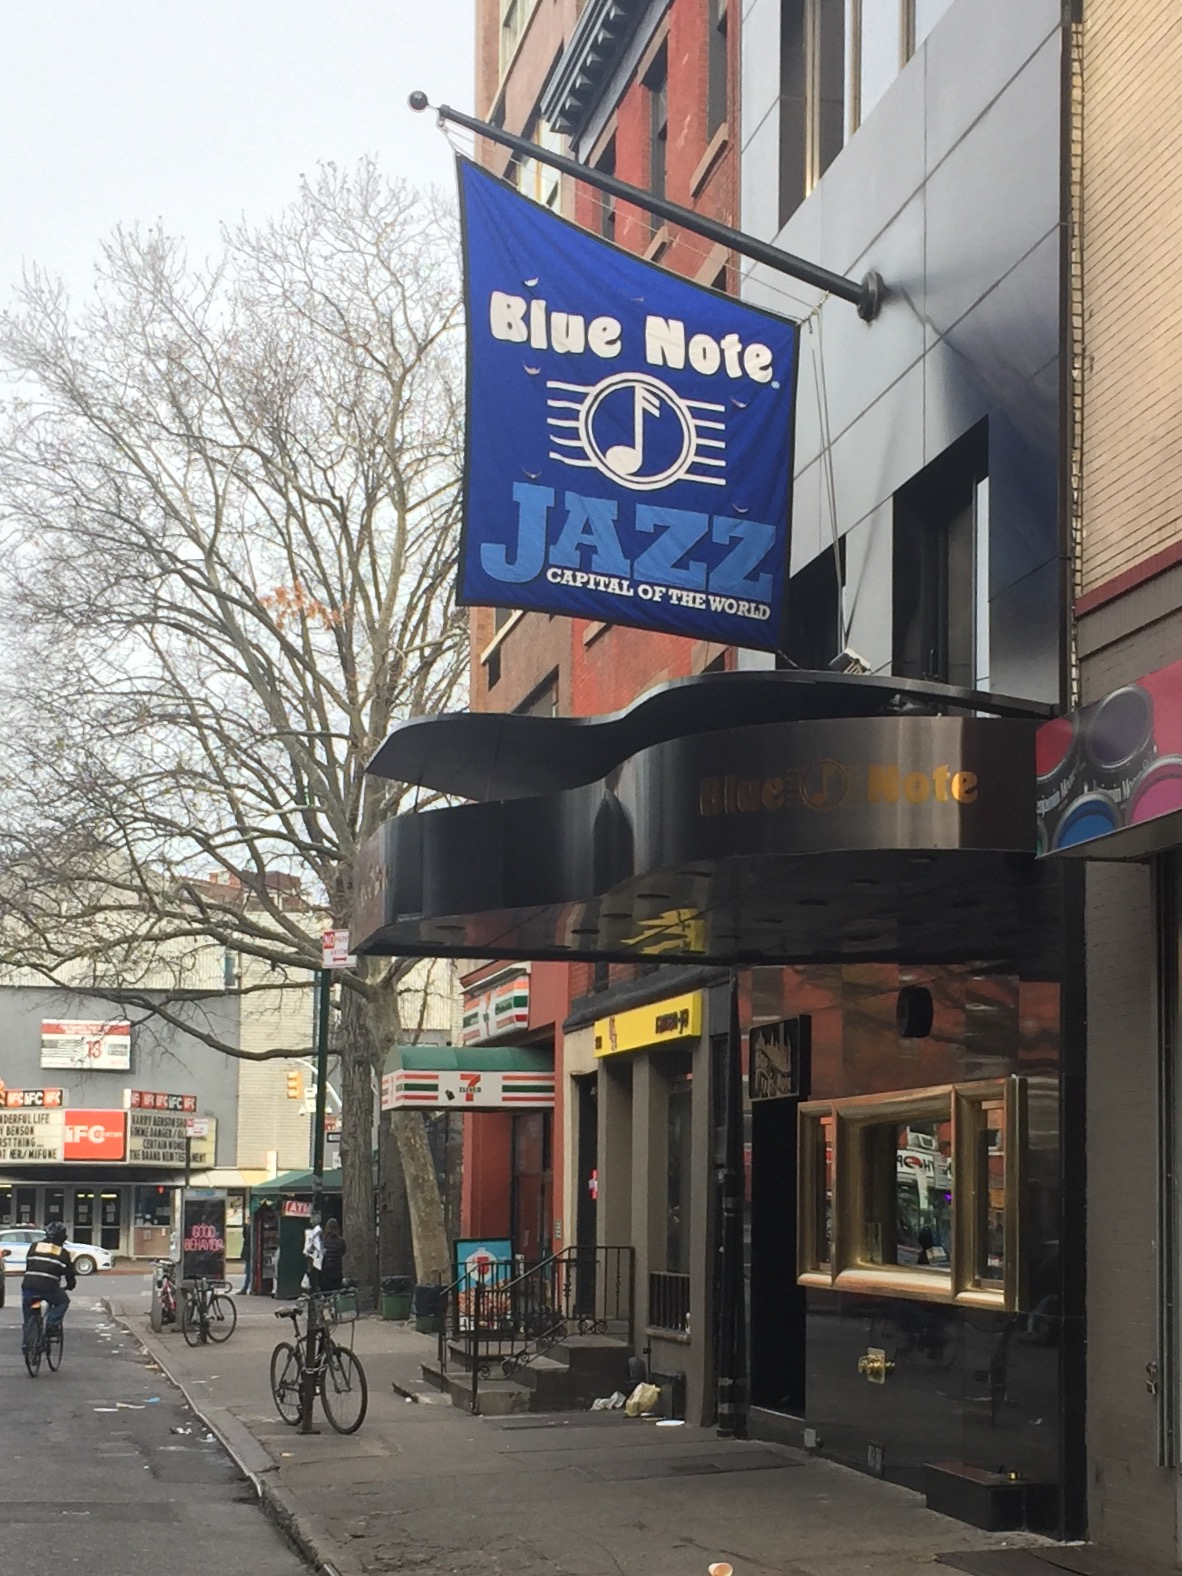 Blue Note Jazz Club - Wikipedia